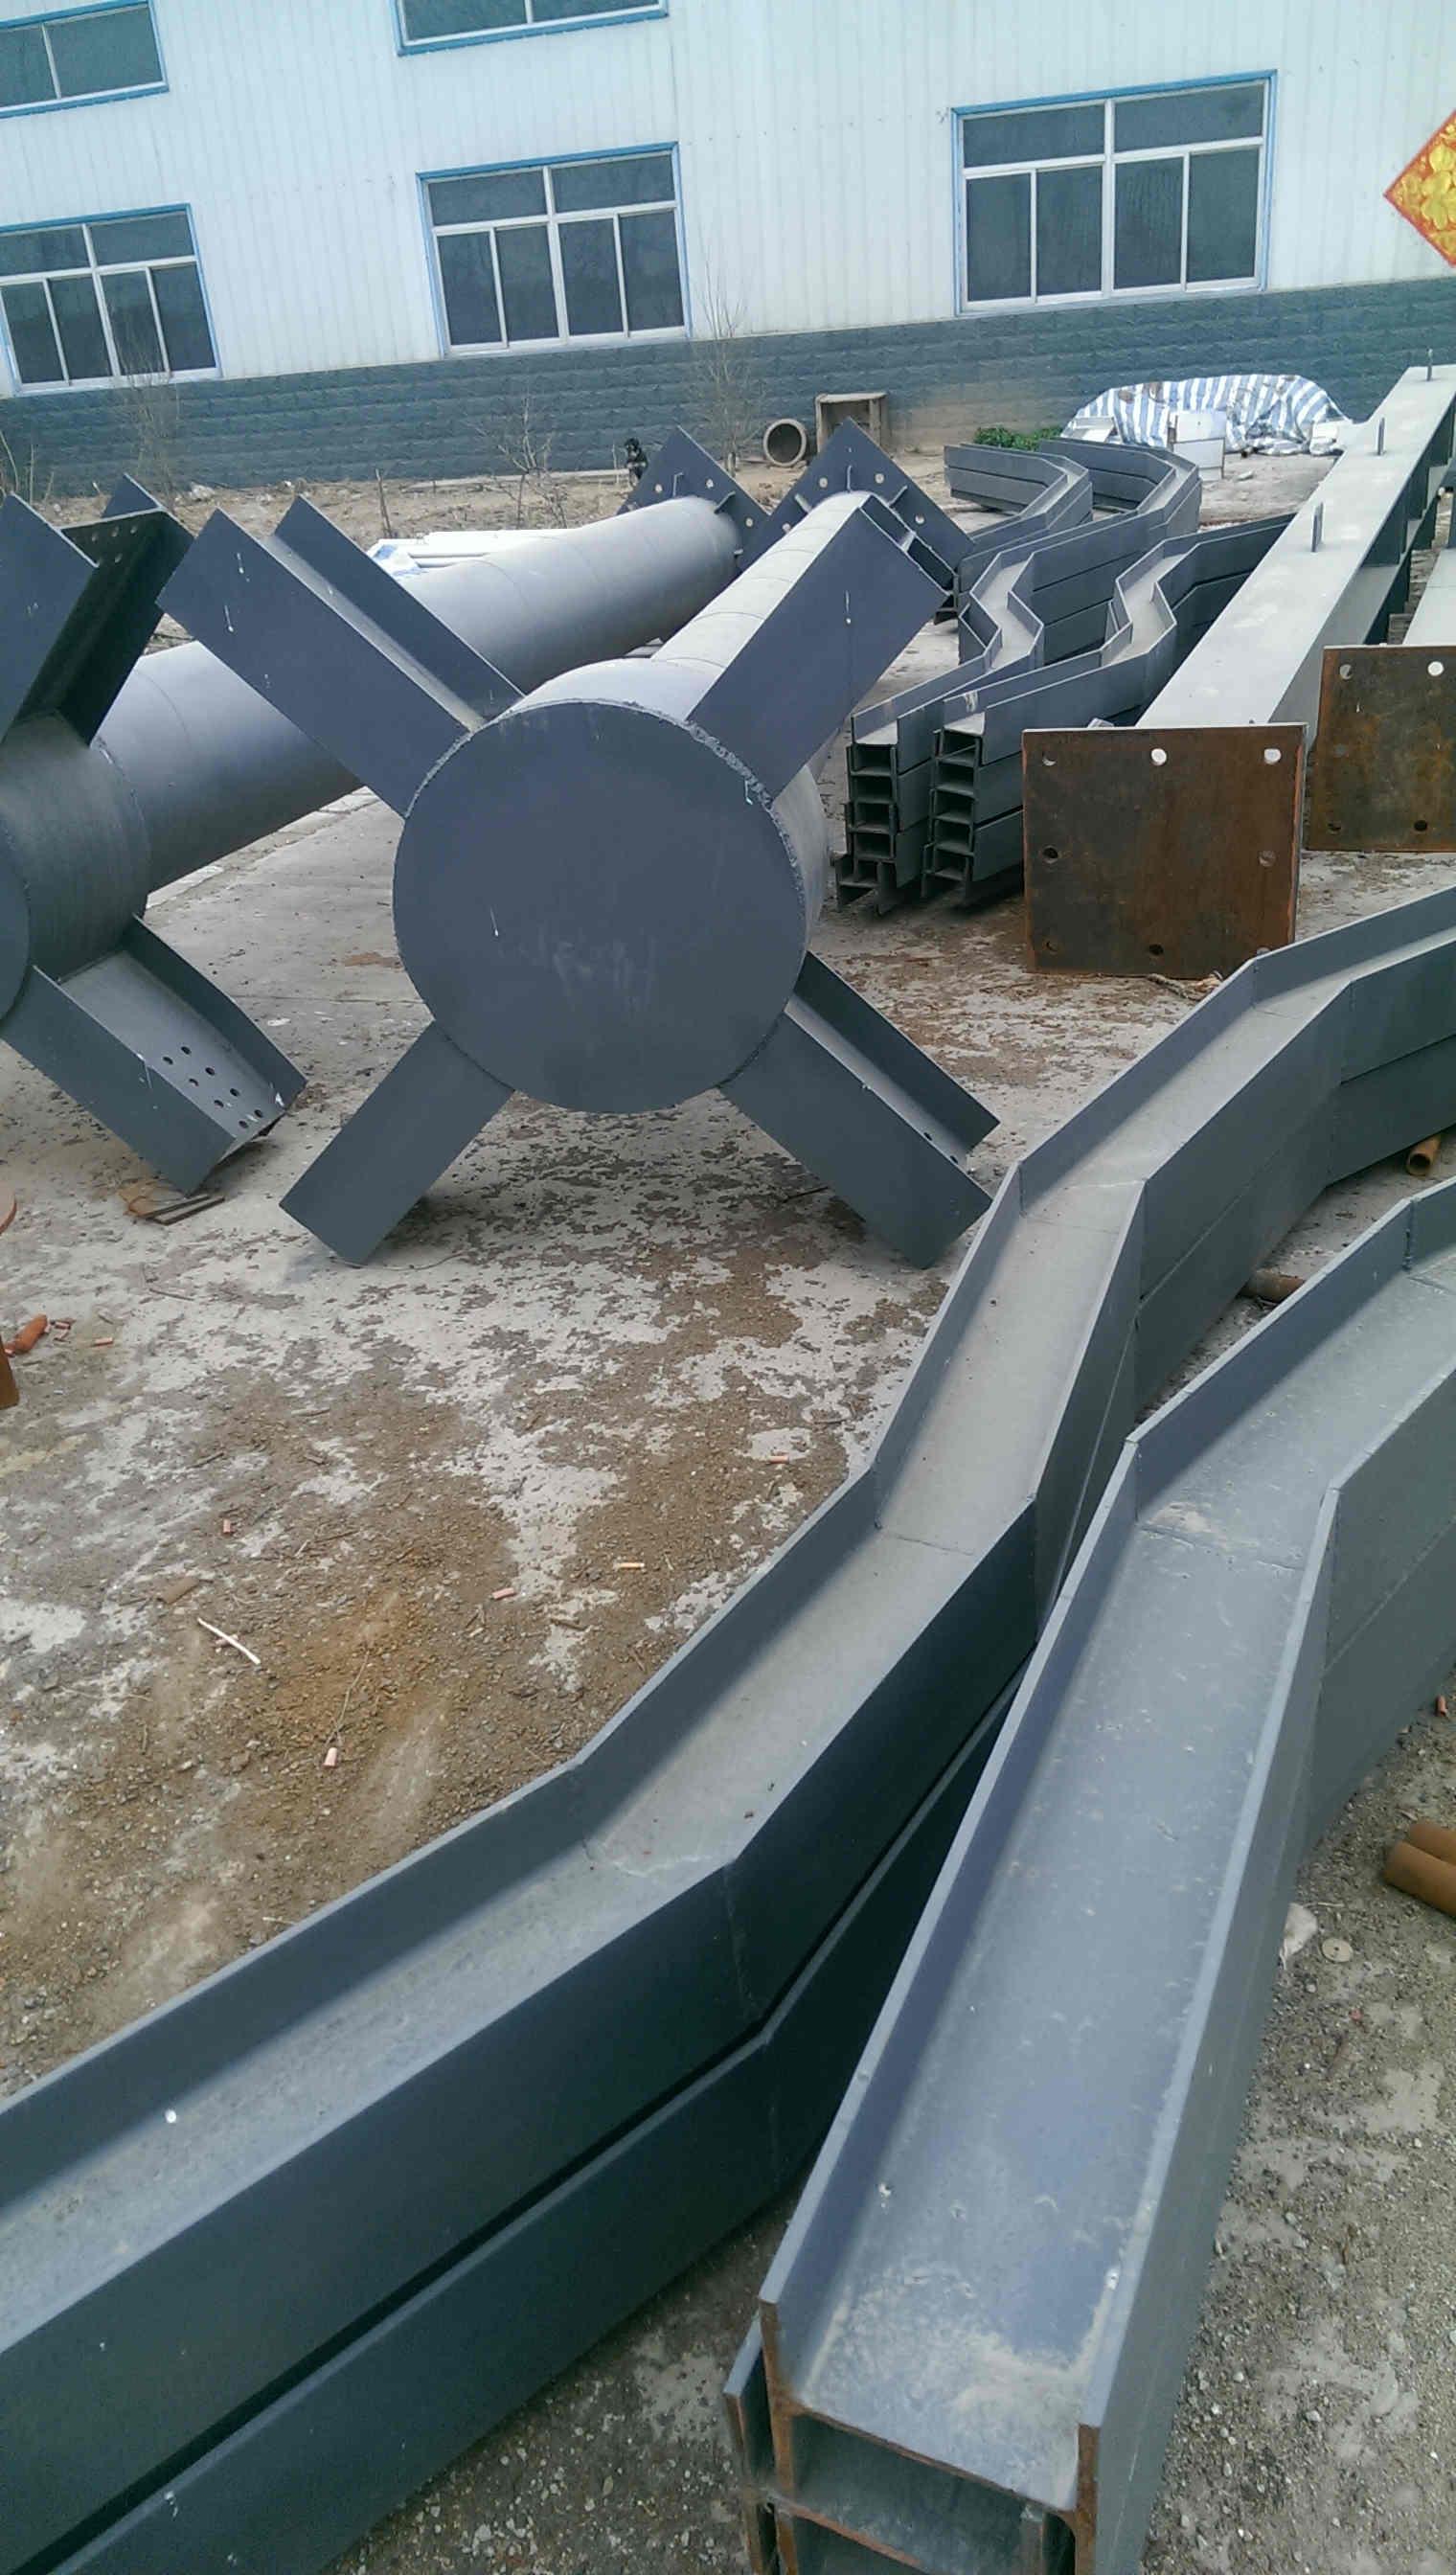 专业安装 _ 屋顶钢结构造型厂家施工队 _ 屋顶网架造型设计厂家 30年